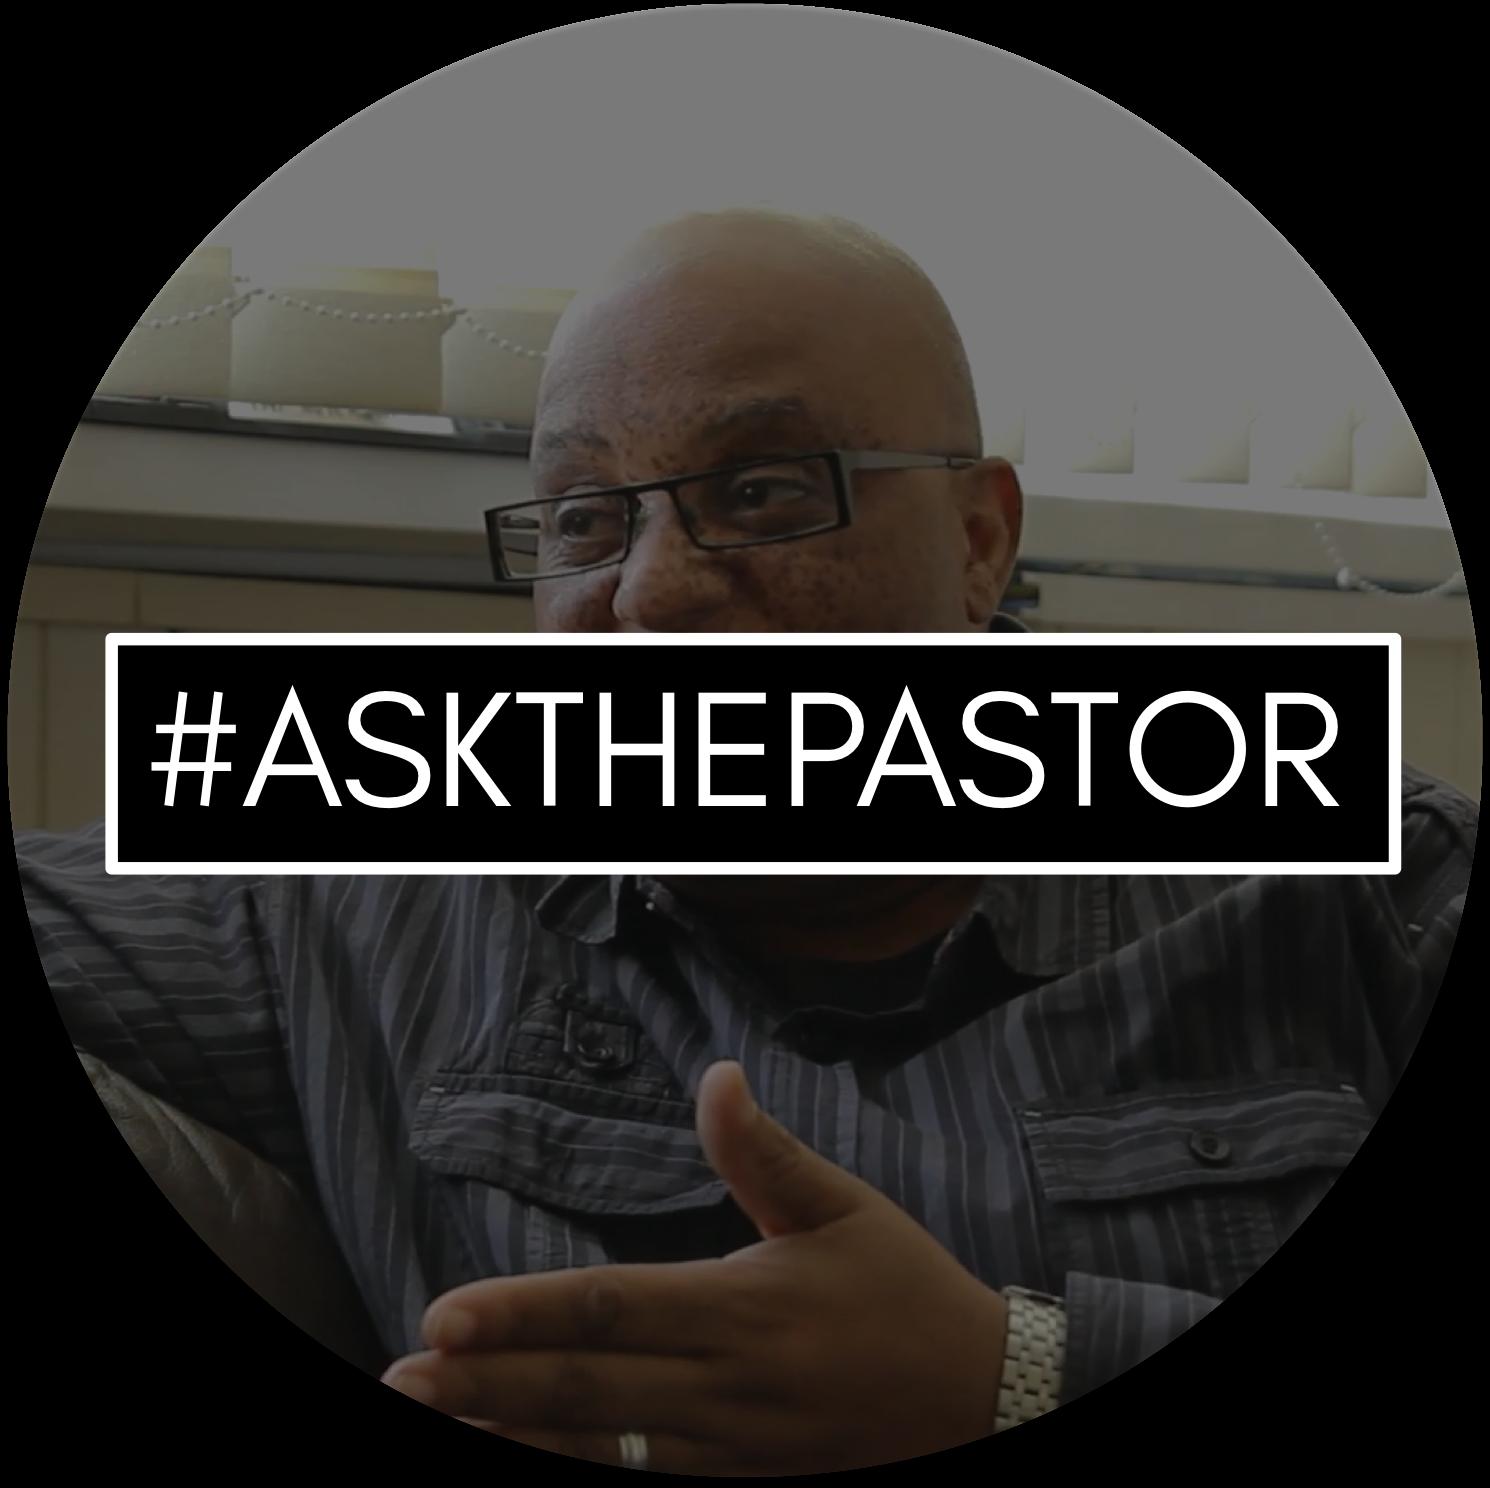 #AskThePastor